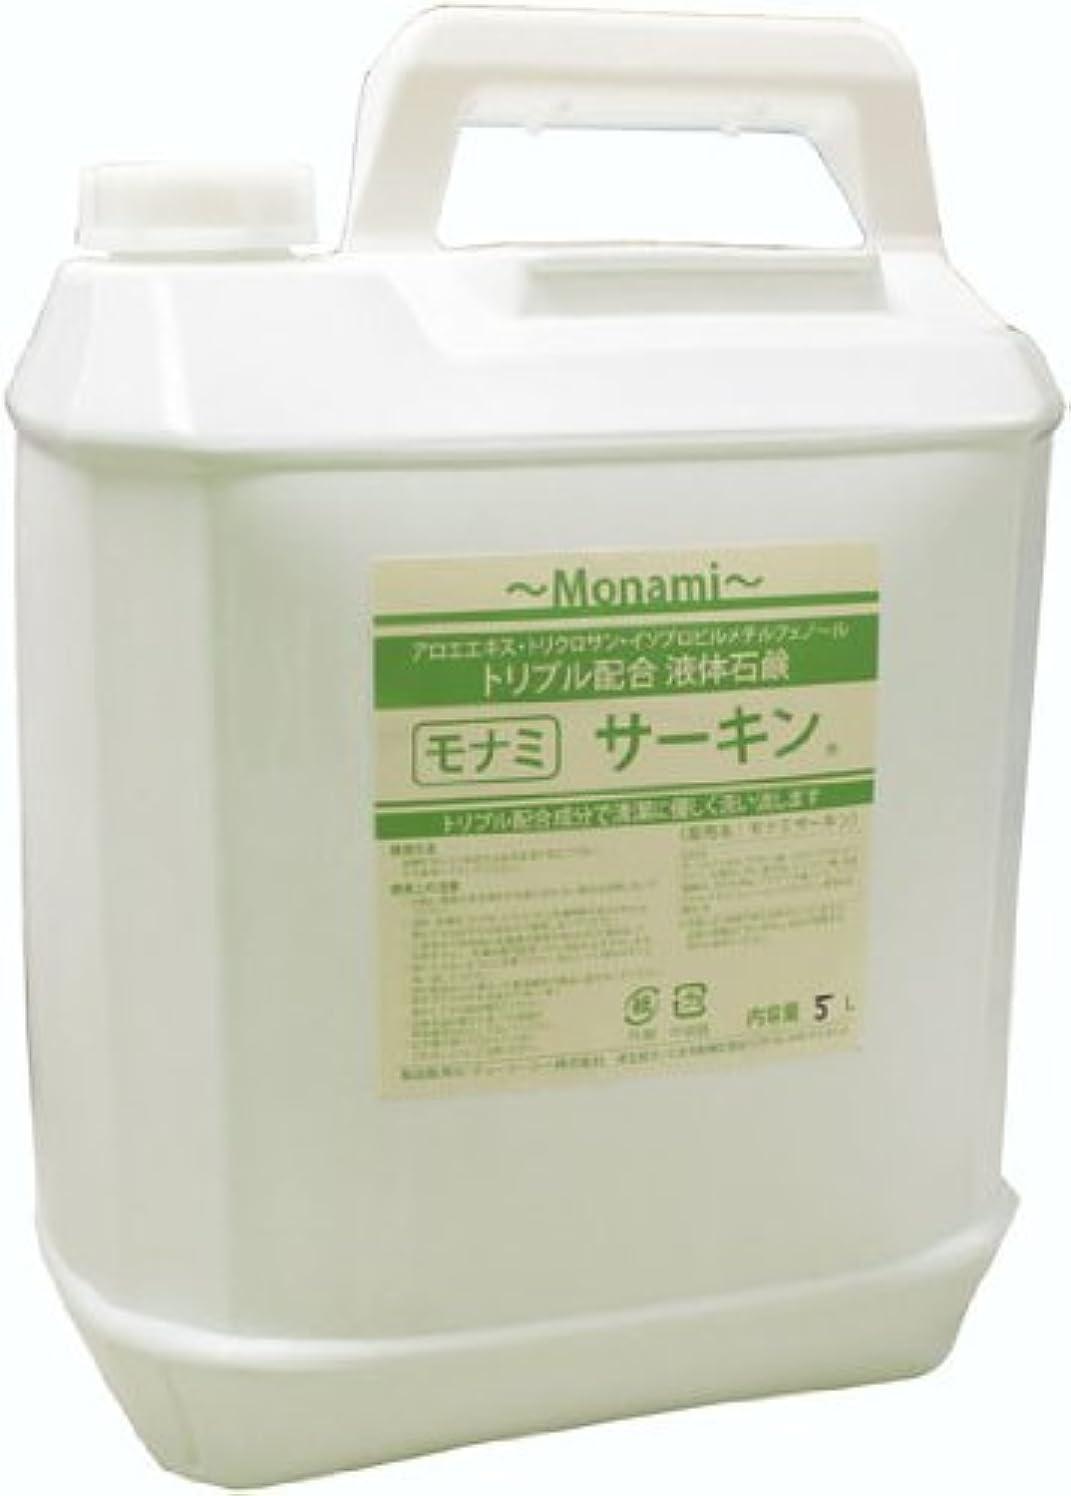 素朴な矛盾する保存保湿剤配合業務用液体ソープ「モナミ サーキン5L」アロエエキス、トリクロサン、イソプロピルメチルフェノール配合